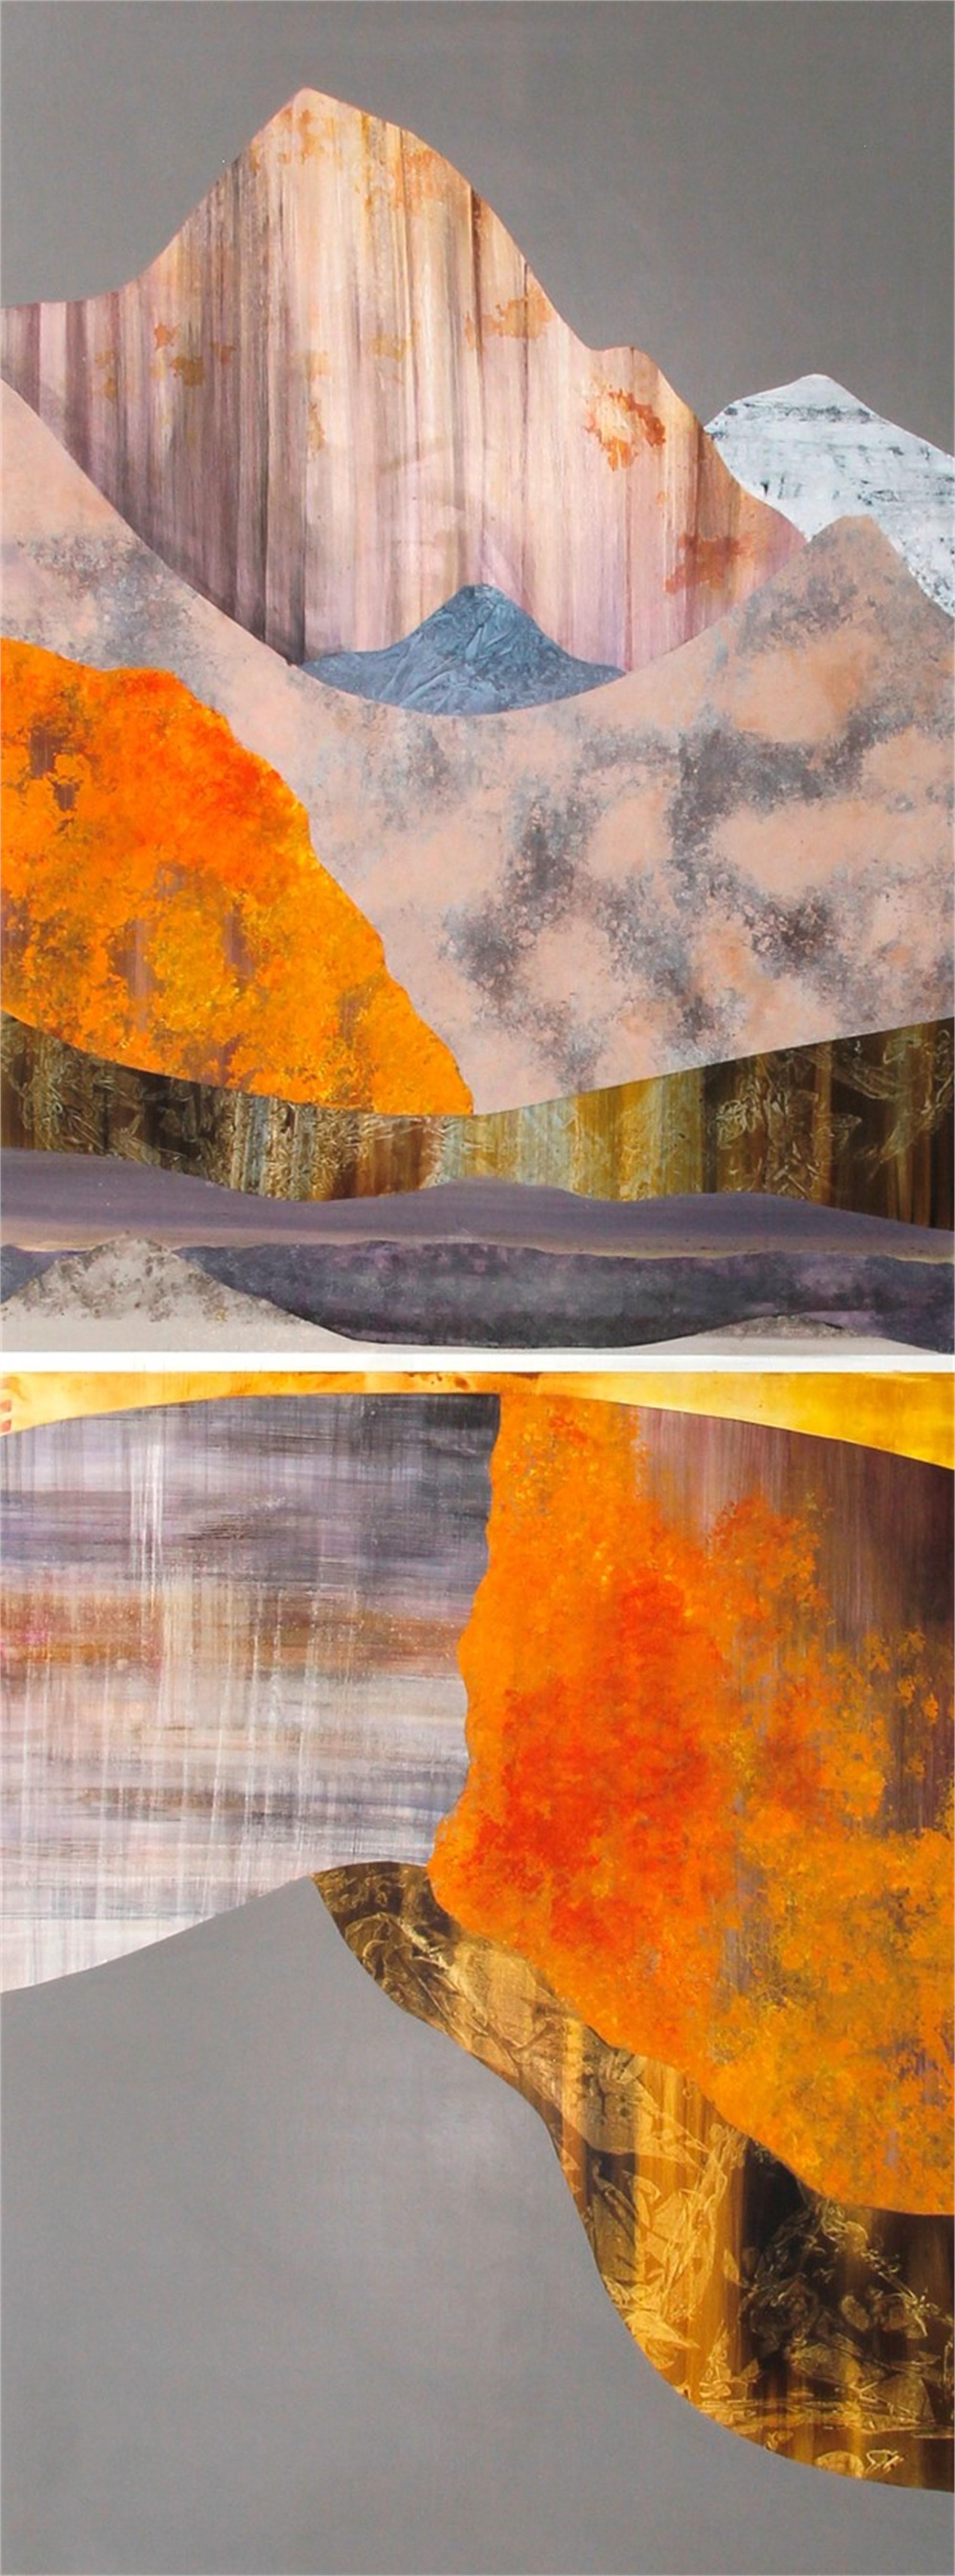 Long's Peak by Sarah Winkler